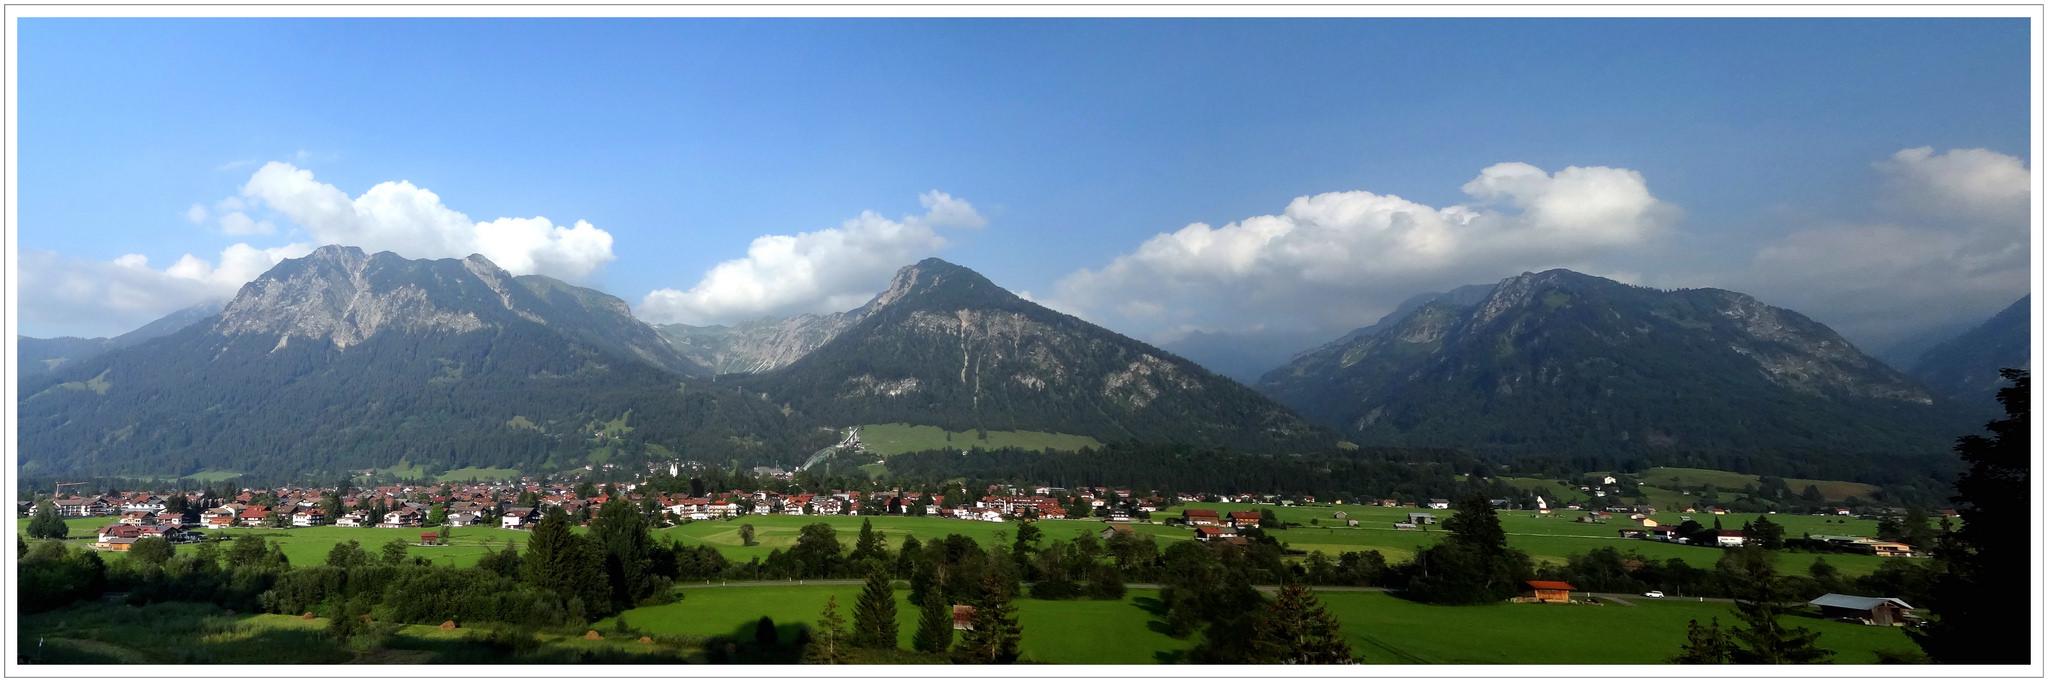 о нас, бавария, экскурсии по баварии, туры в мюнхен, munich travel, flickr